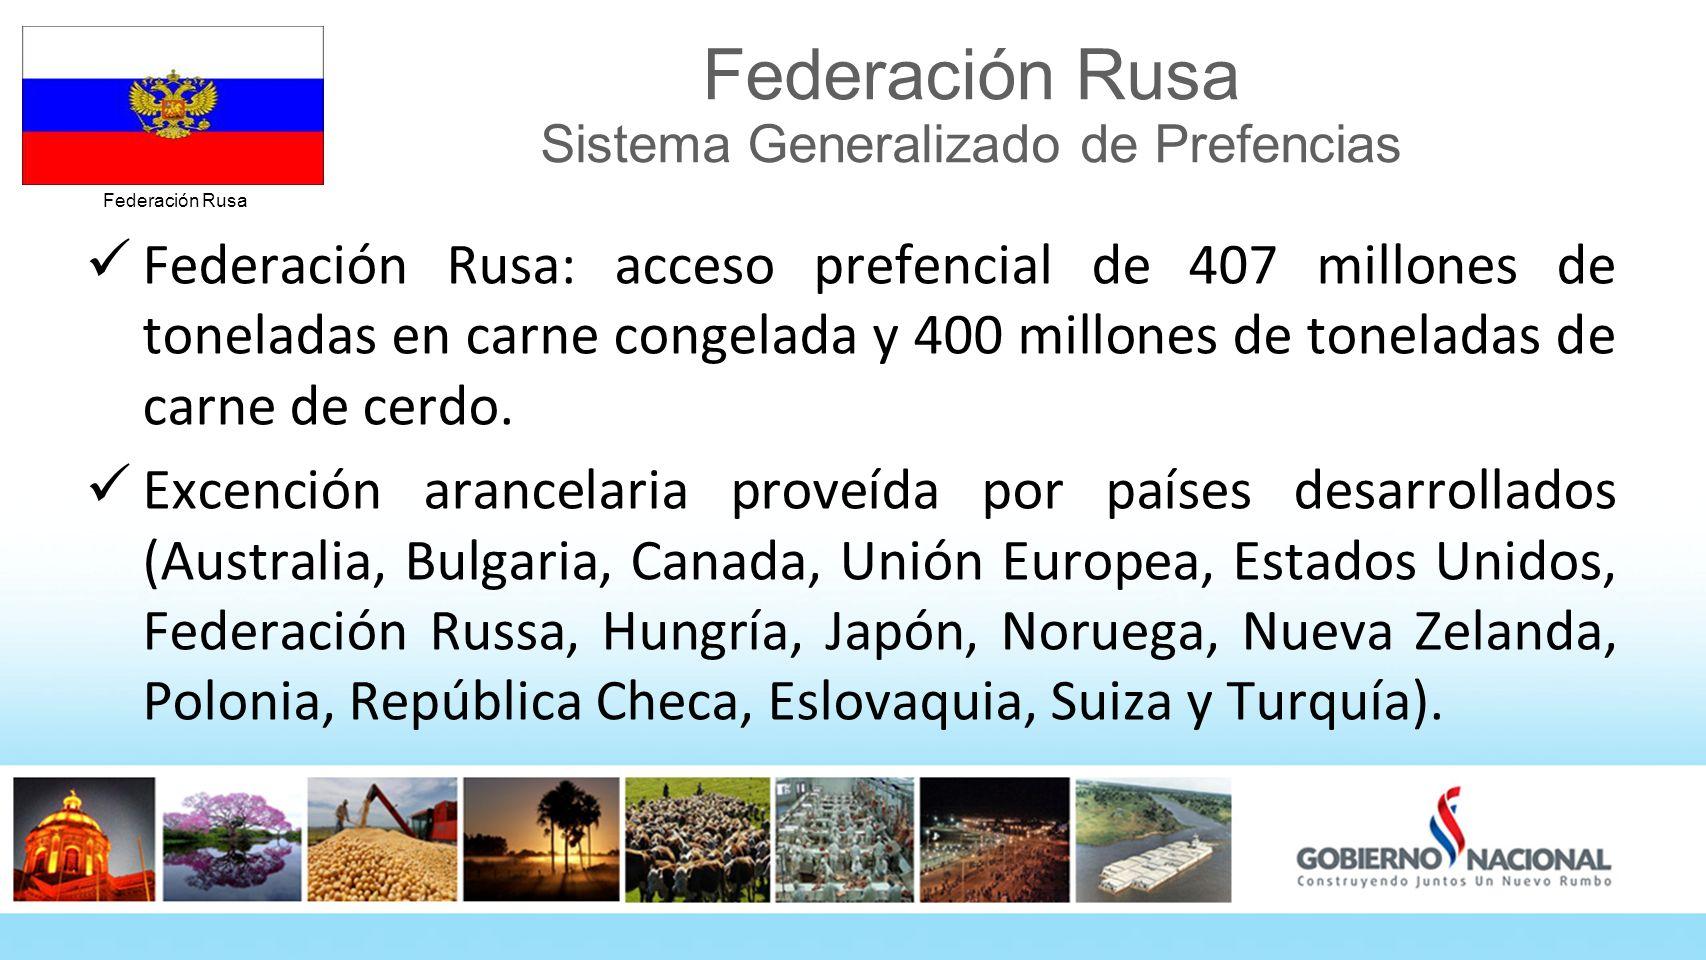 Federación Rusa Federación Rusa Sistema Generalizado de Prefencias Federación Rusa: acceso prefencial de 407 millones de toneladas en carne congelada y 400 millones de toneladas de carne de cerdo.